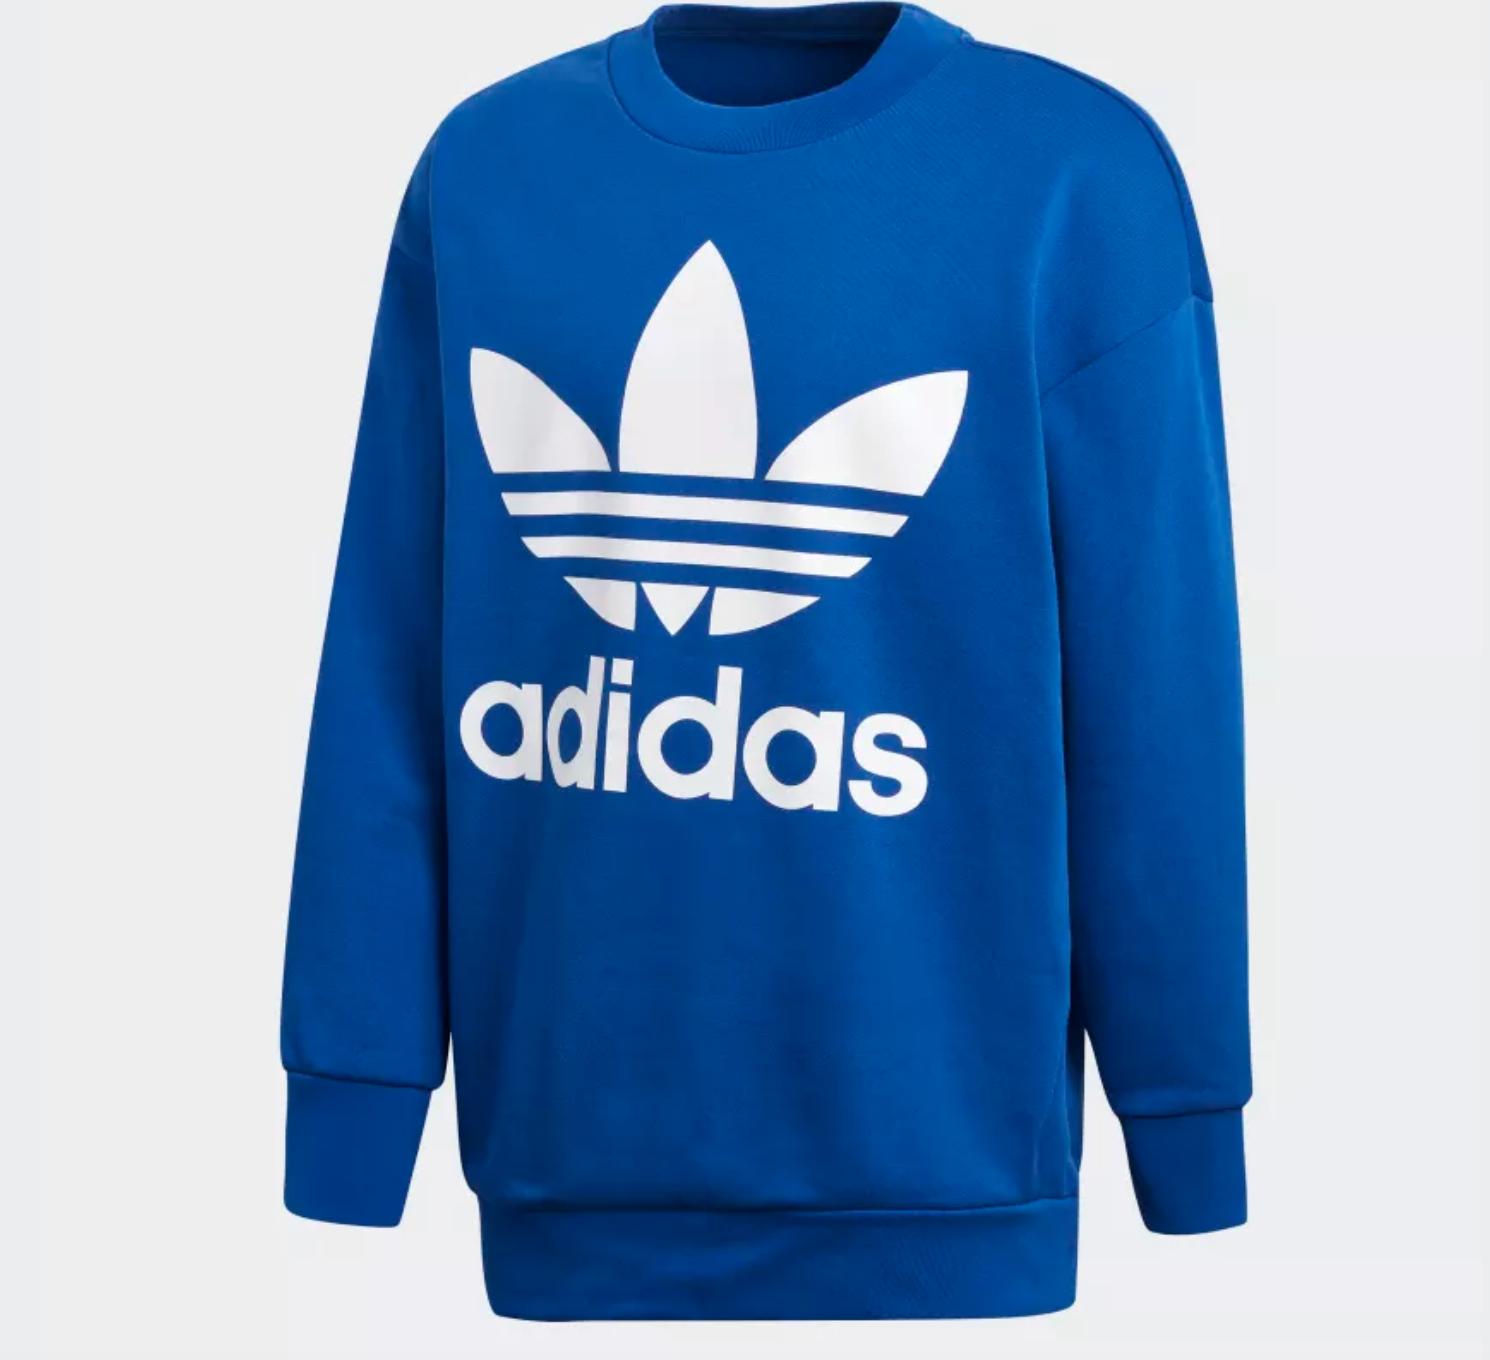 ADIDAS ORIGINALS OVERSIZE Trefoil Sweatshirt Blau Herren